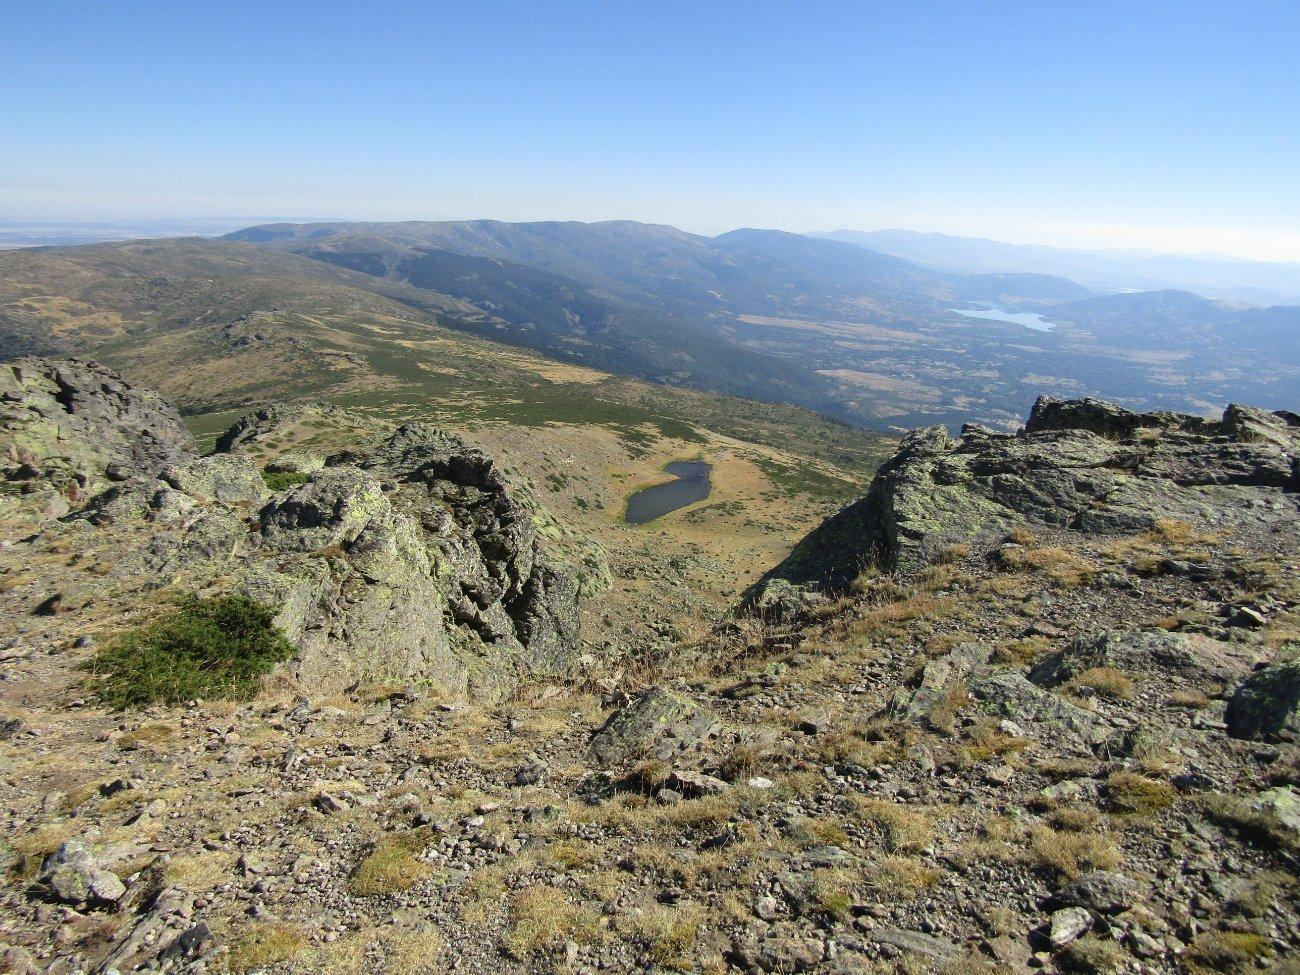 Qué ver en La Comunidad de Madrid: Parque Nacional de la Sierra de Guadarrama